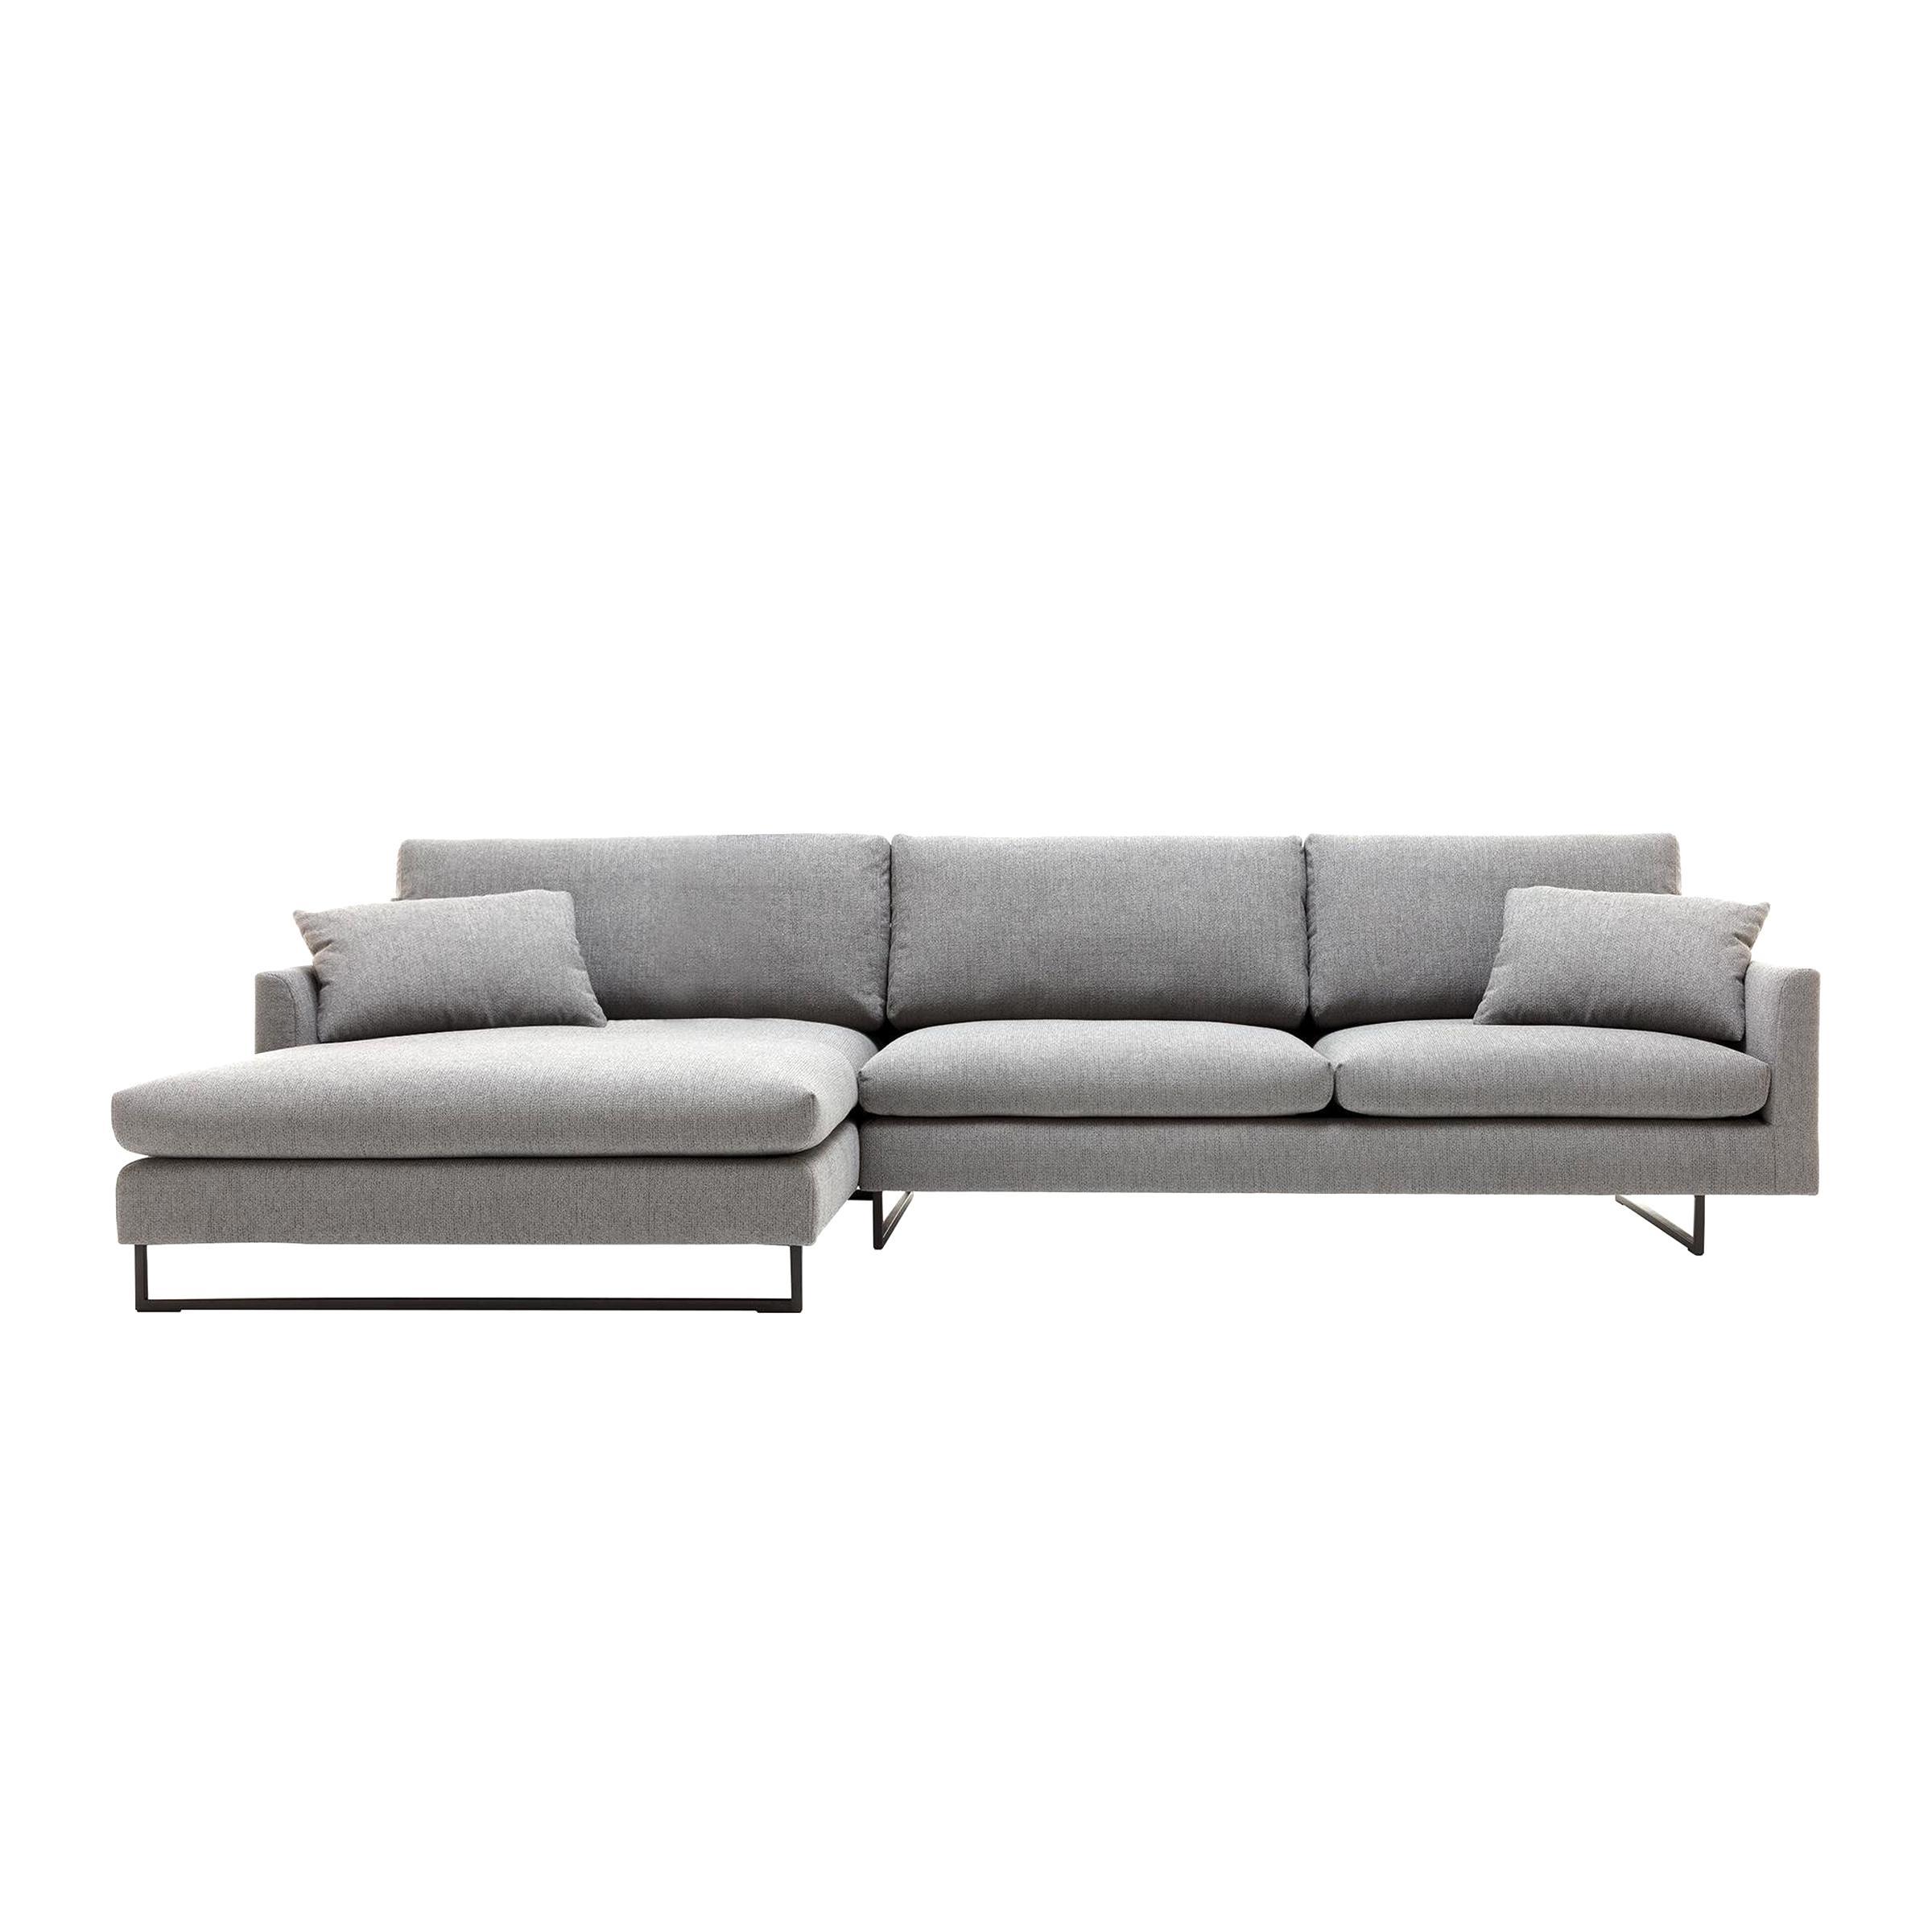 rolf benz sofa gebraucht kaufen nur 2 st bis 60 g nstiger